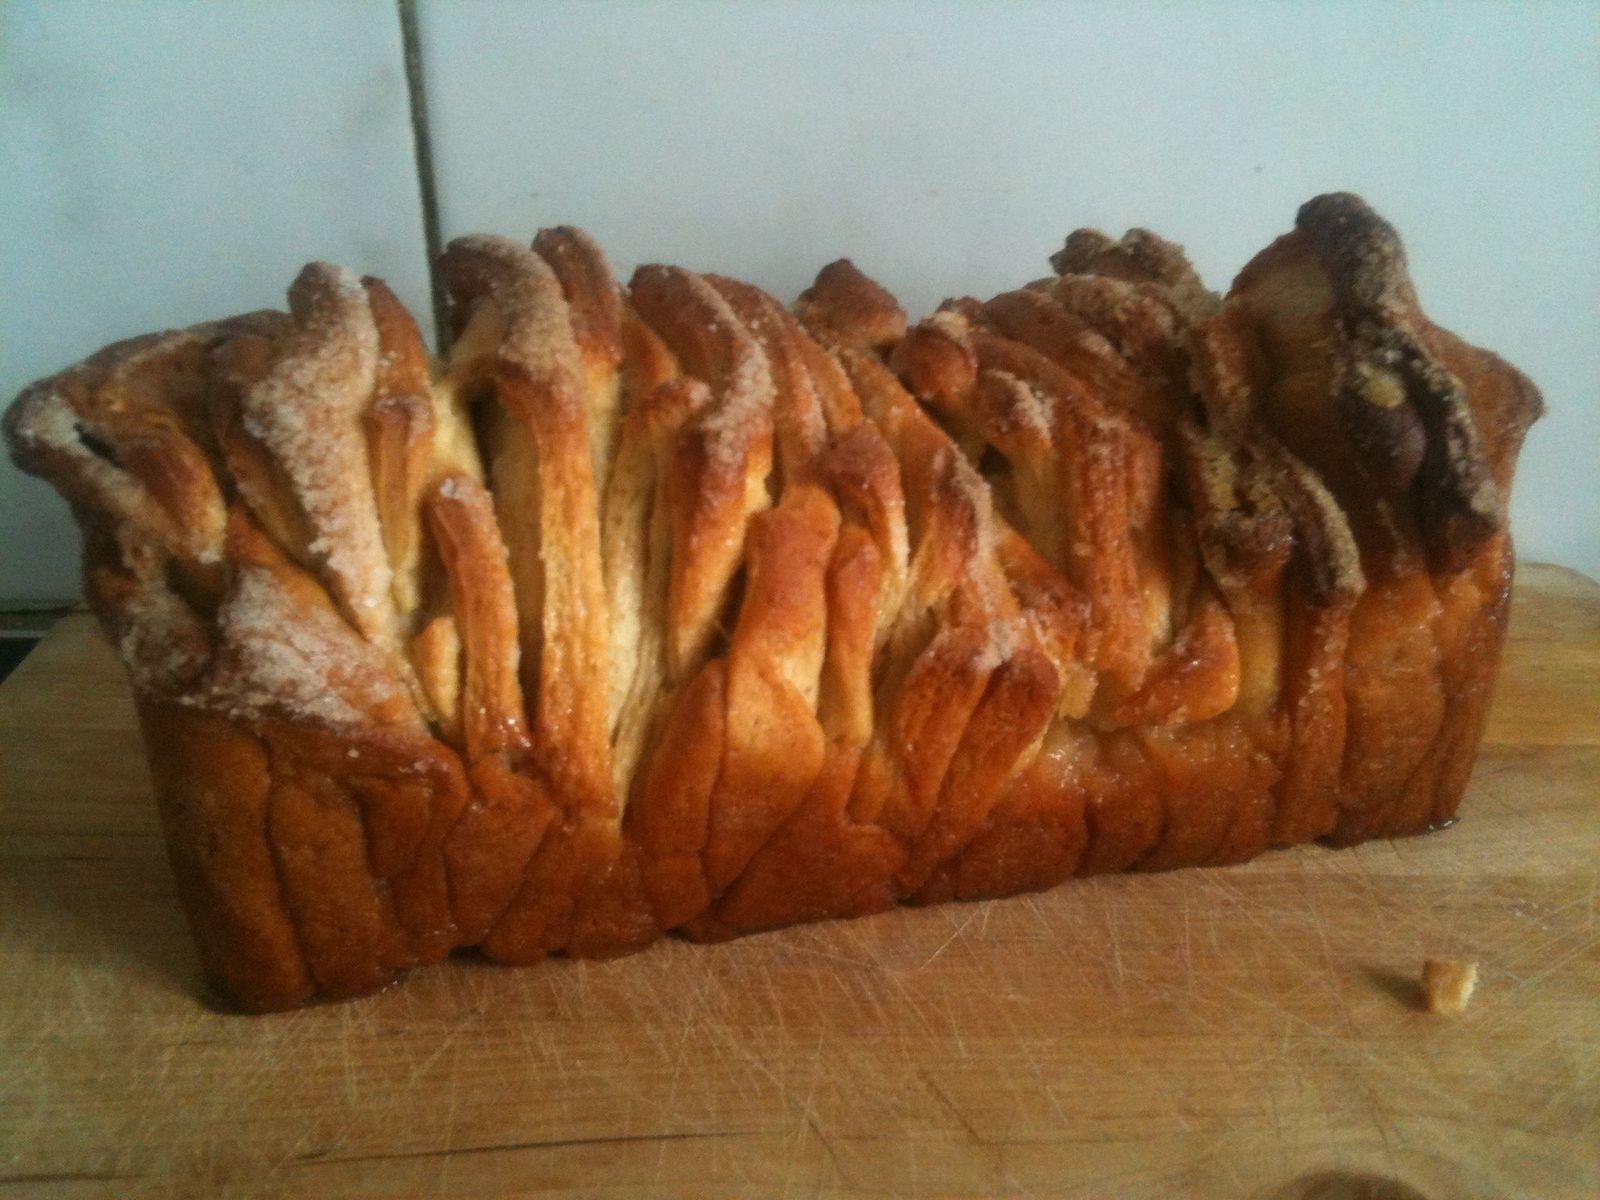 La recette de la semaine : le pull-apart bread !